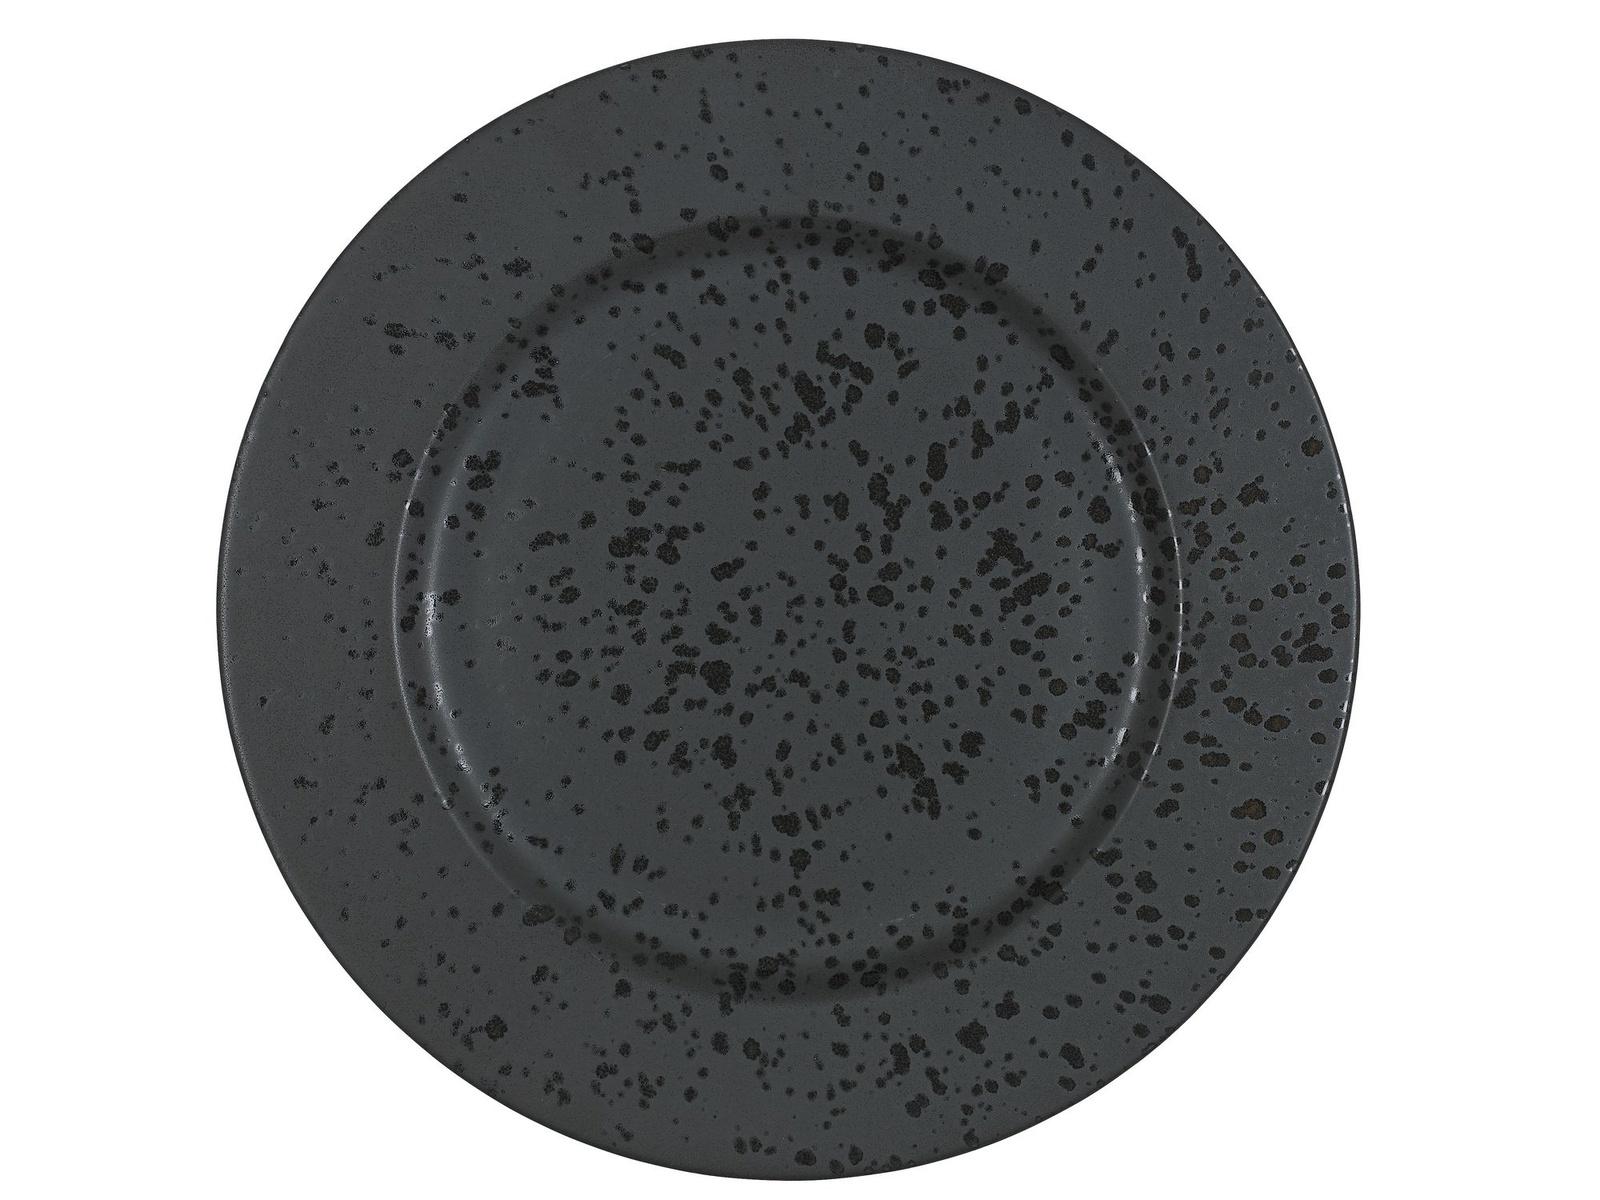 Тарелка сервировочная Bitz, цвет: черный. Диаметр 30,5 см. BT821177 тарелка сервировочная frybest bamboo цвет коричневый 30 см х 14 5 см